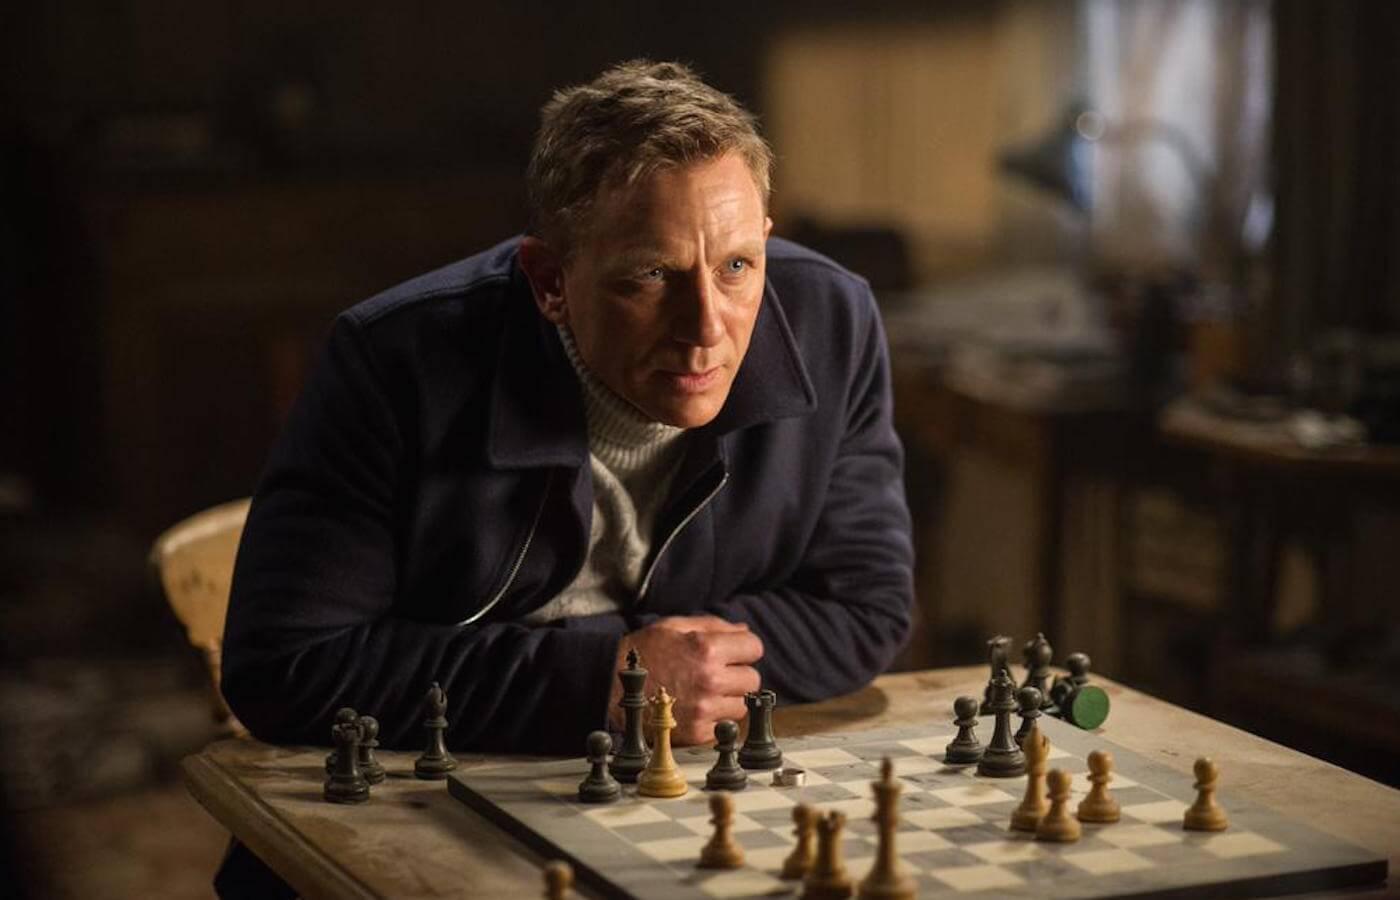 次作『007』のジェームズ・ボンドは、やっぱりダニエル・クレイグ!?